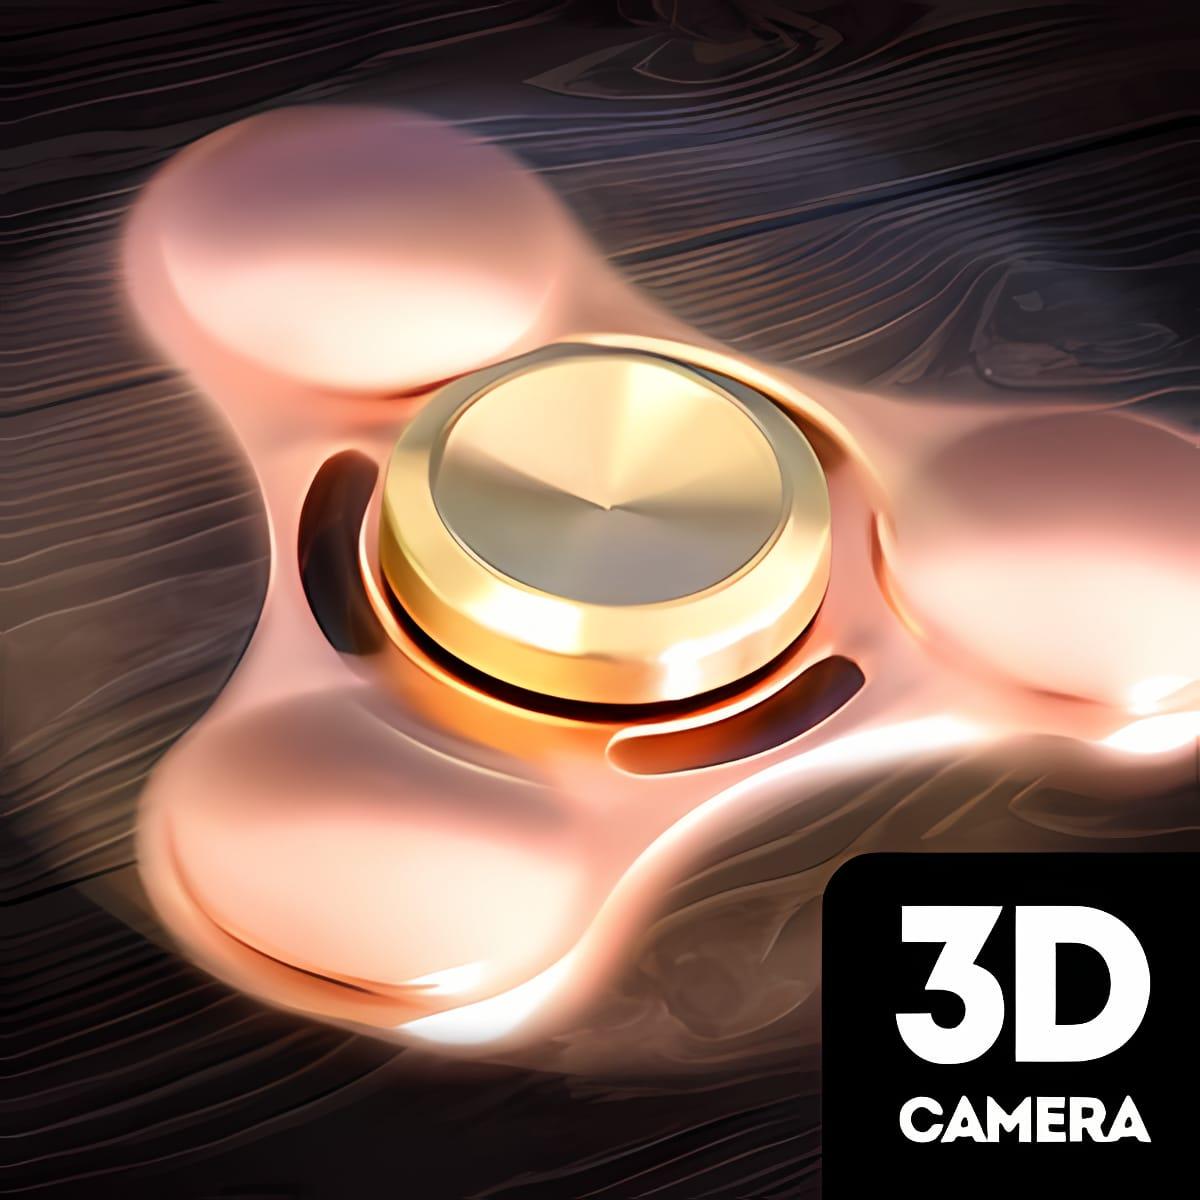 Hand spinner camera 3d 1.0